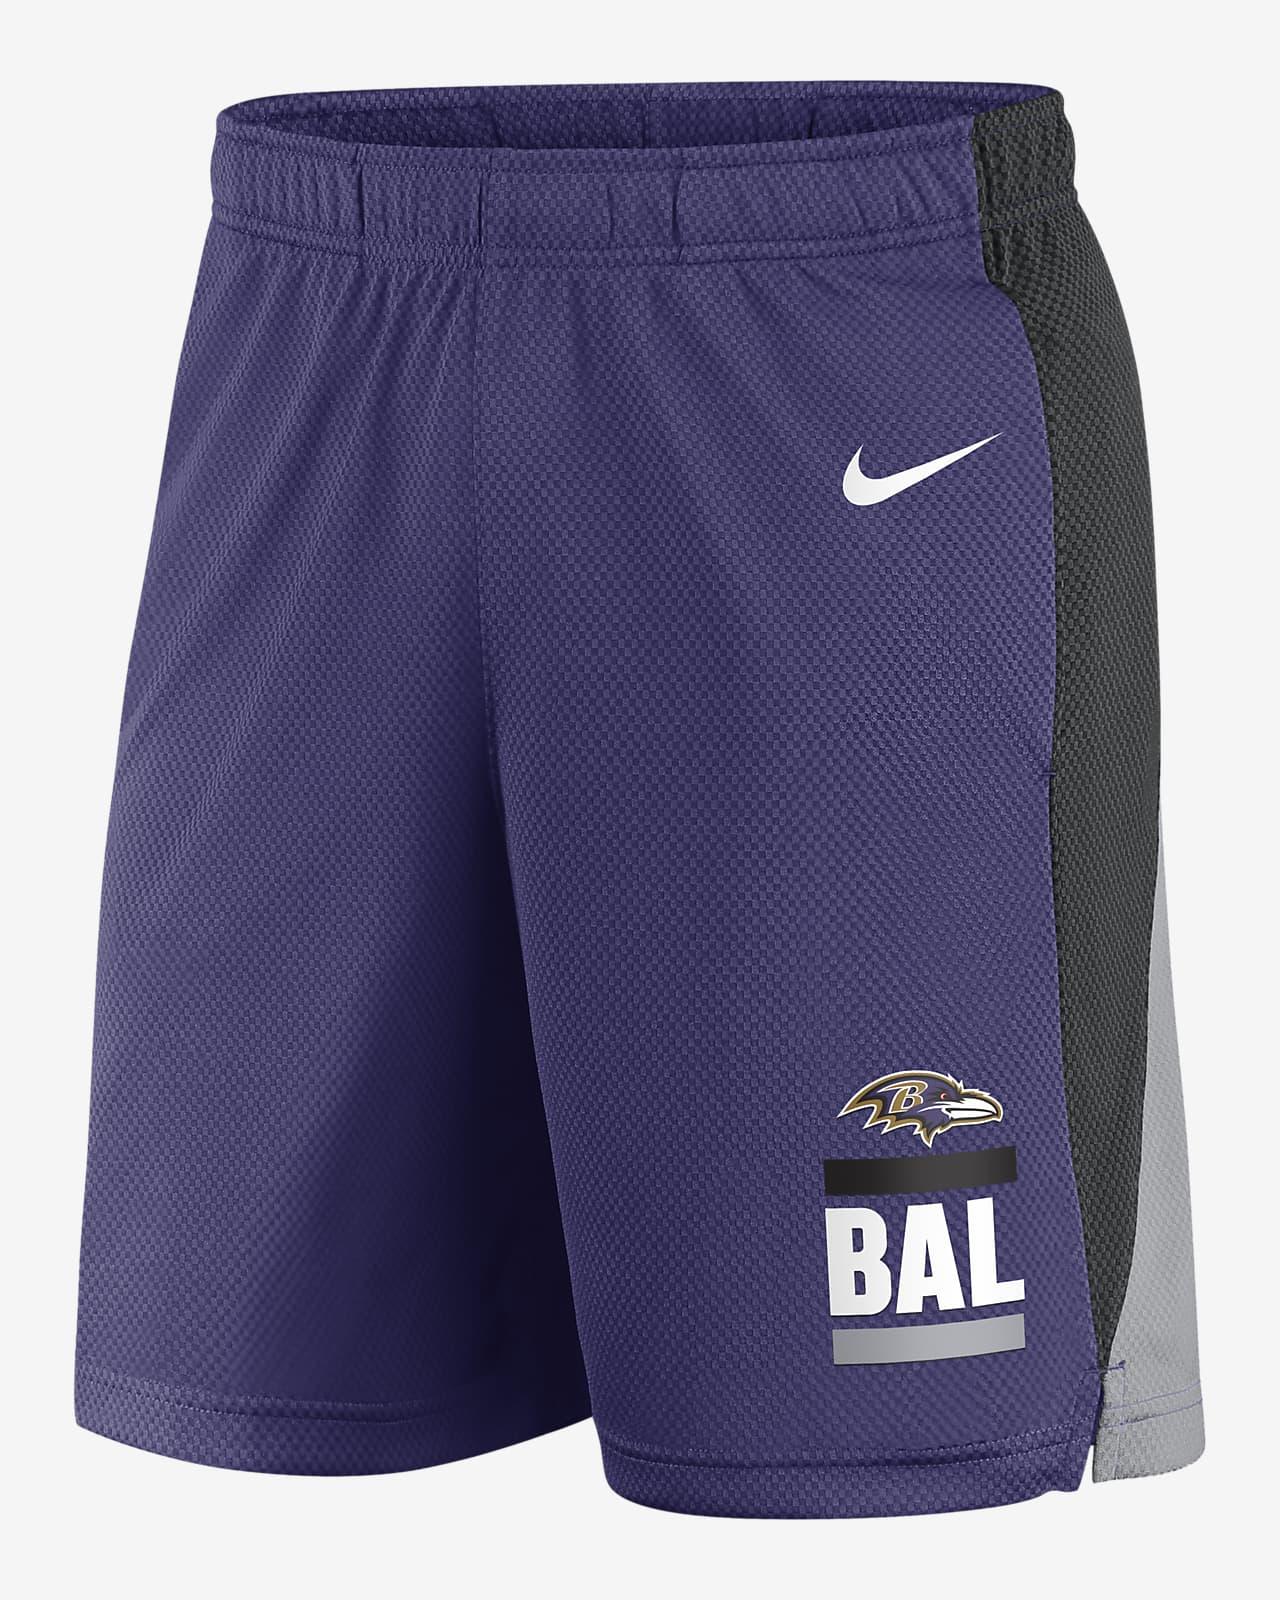 Nike Dri-FIT Broadcast (NFL Baltimore Ravens) Men's Shorts